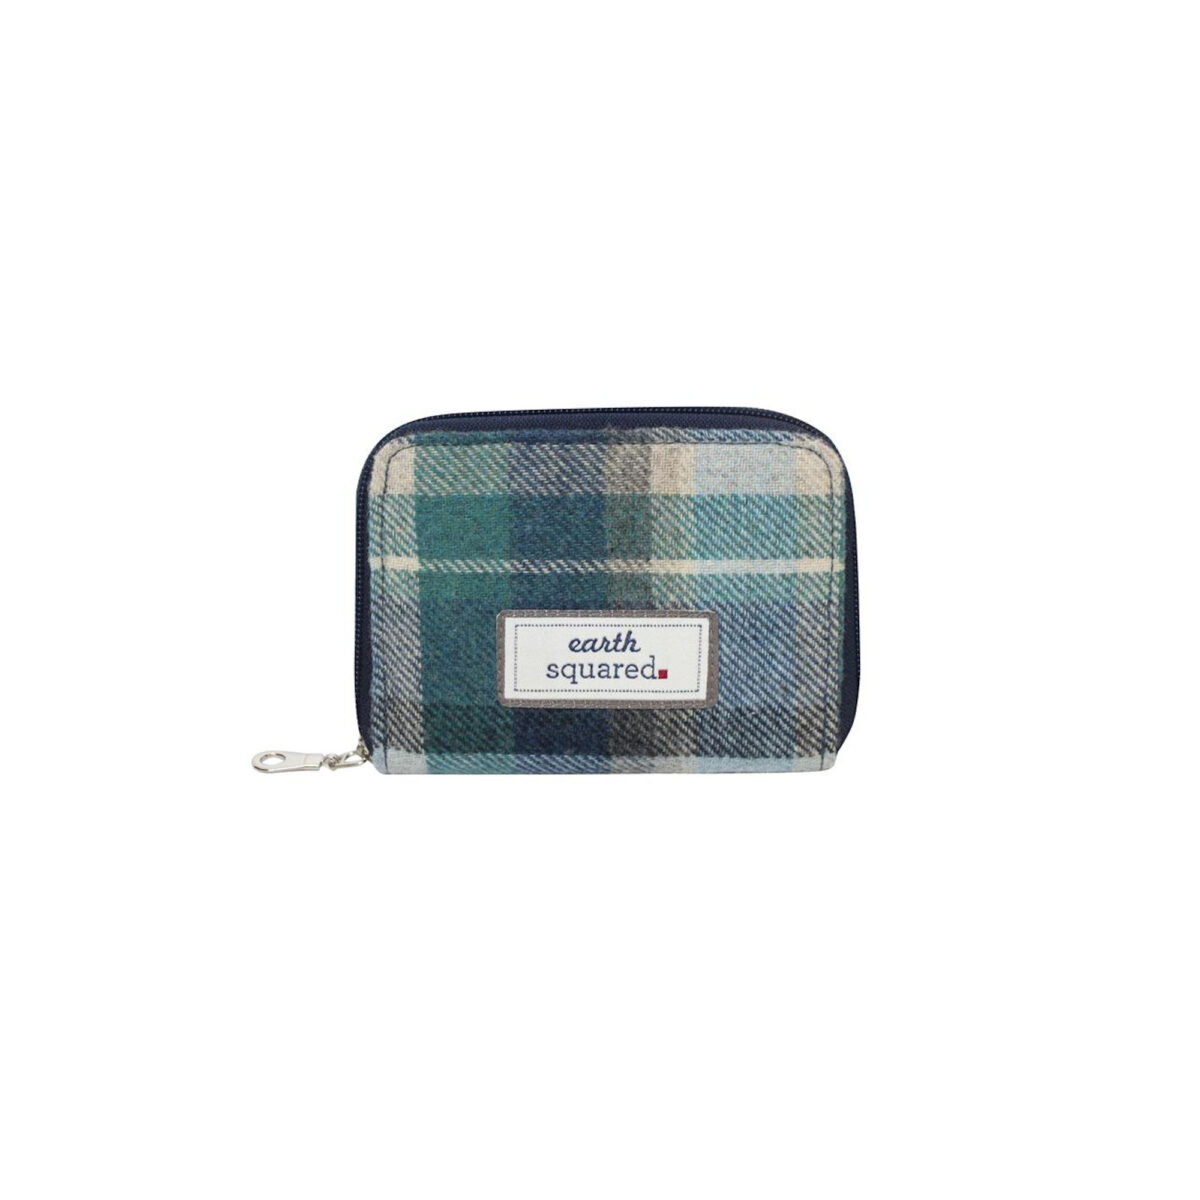 Cloudburst Tweed Wallet